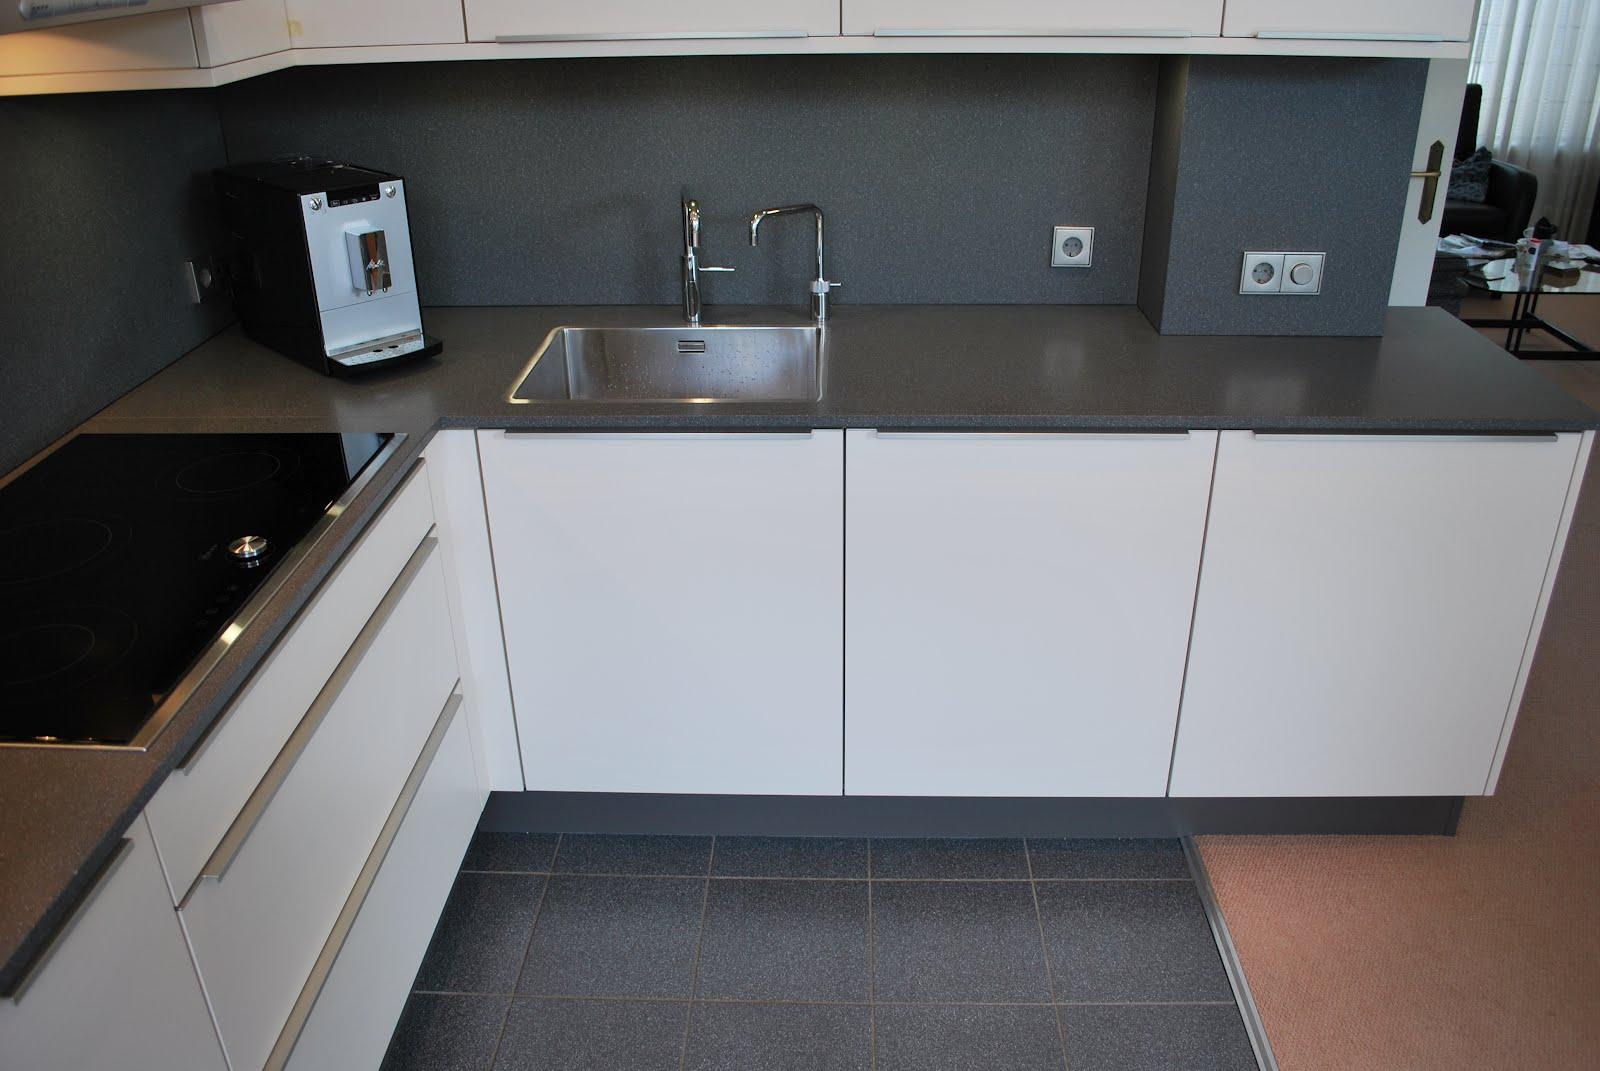 Gp interieur idee blog: keuken ohmstraat badhoevedorp